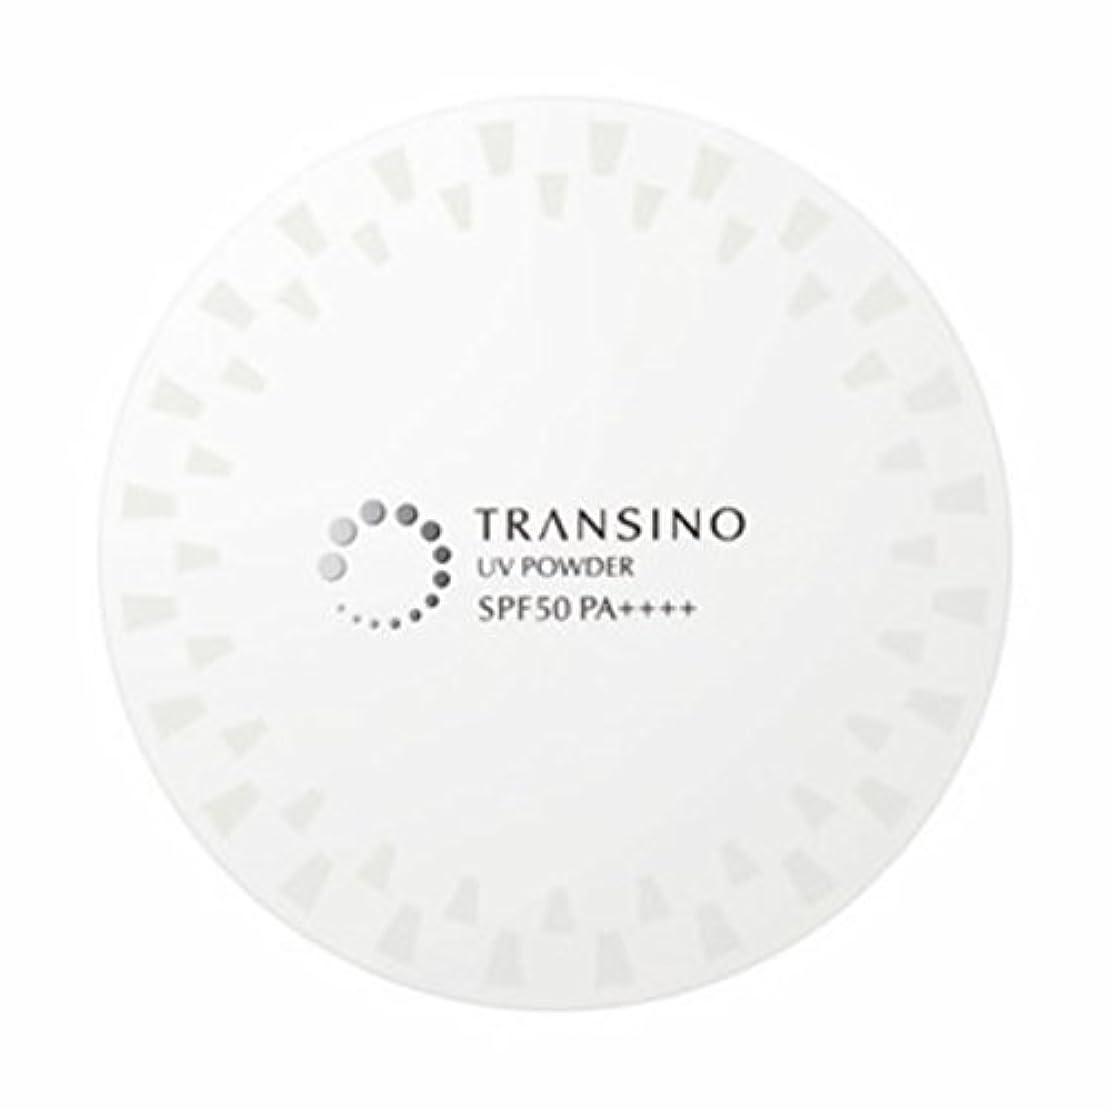 招待キャラクター墓トランシーノ 薬用UVパウダー 12g SPF50?PA++++ [並行輸入品]